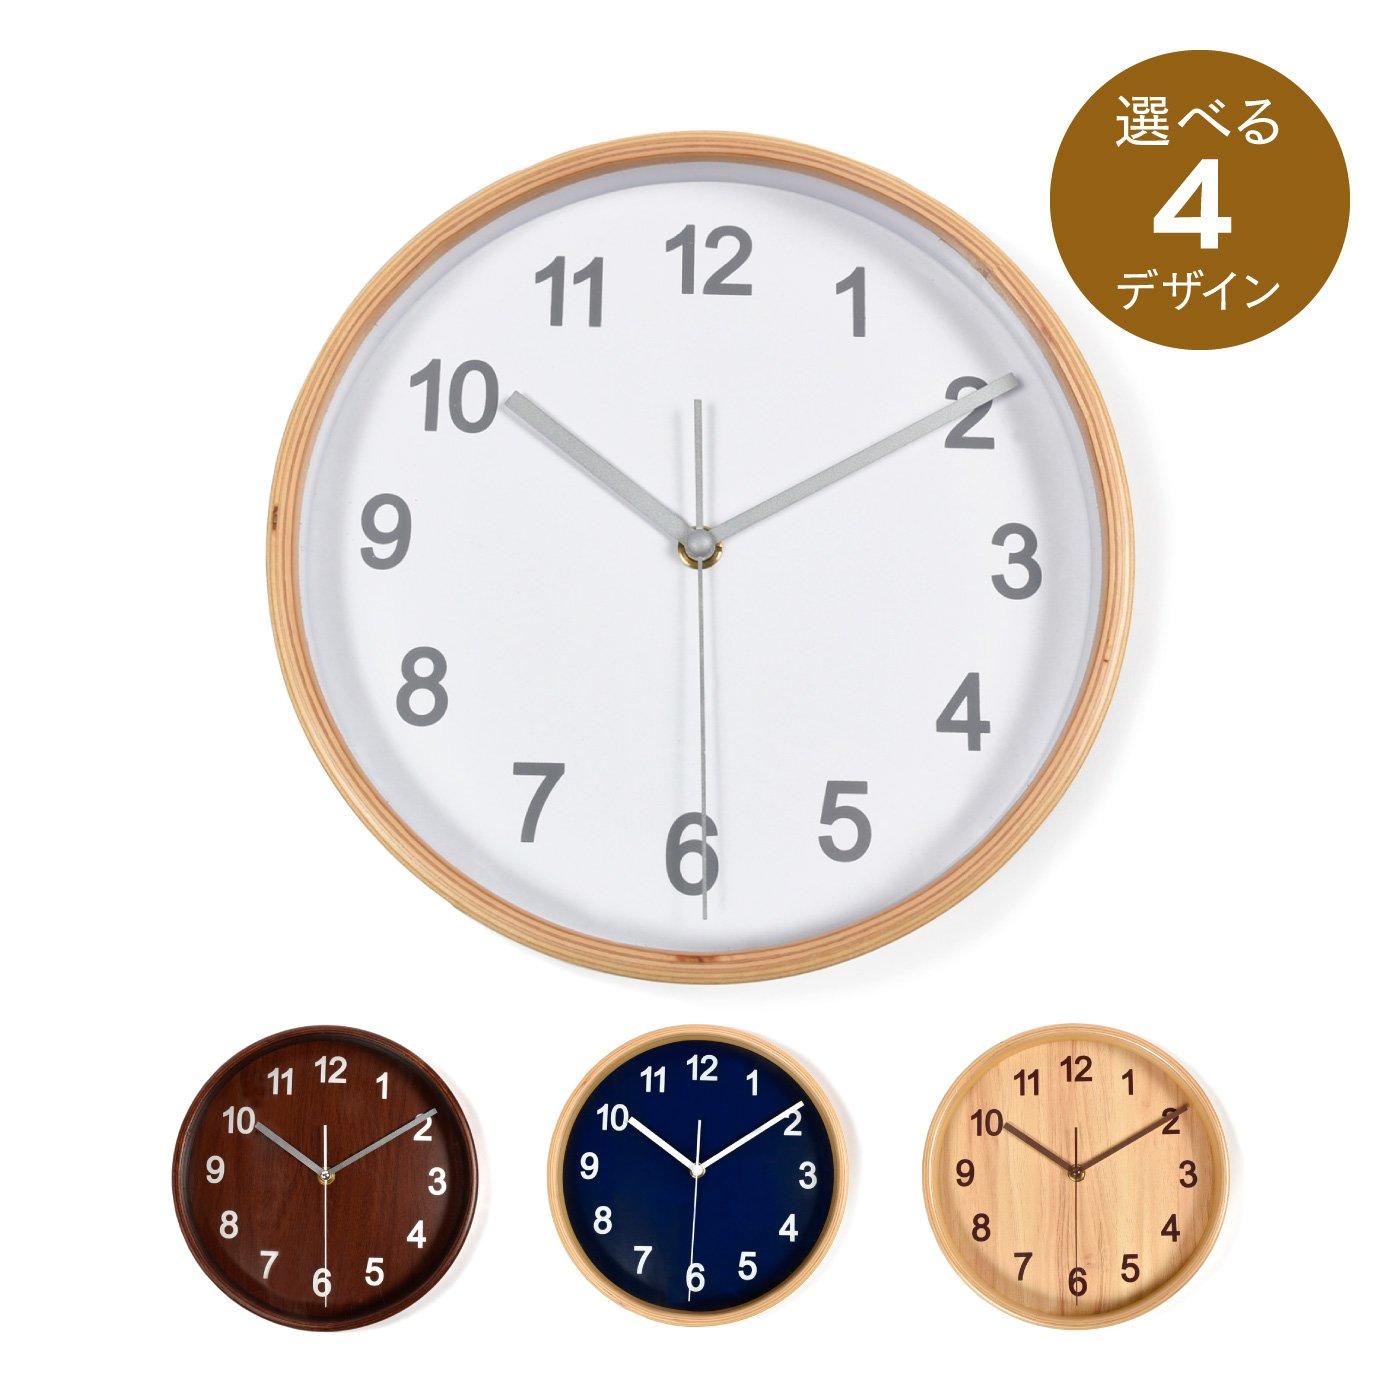 ぬくもり感じるシンプル&ナチュラル壁掛け時計